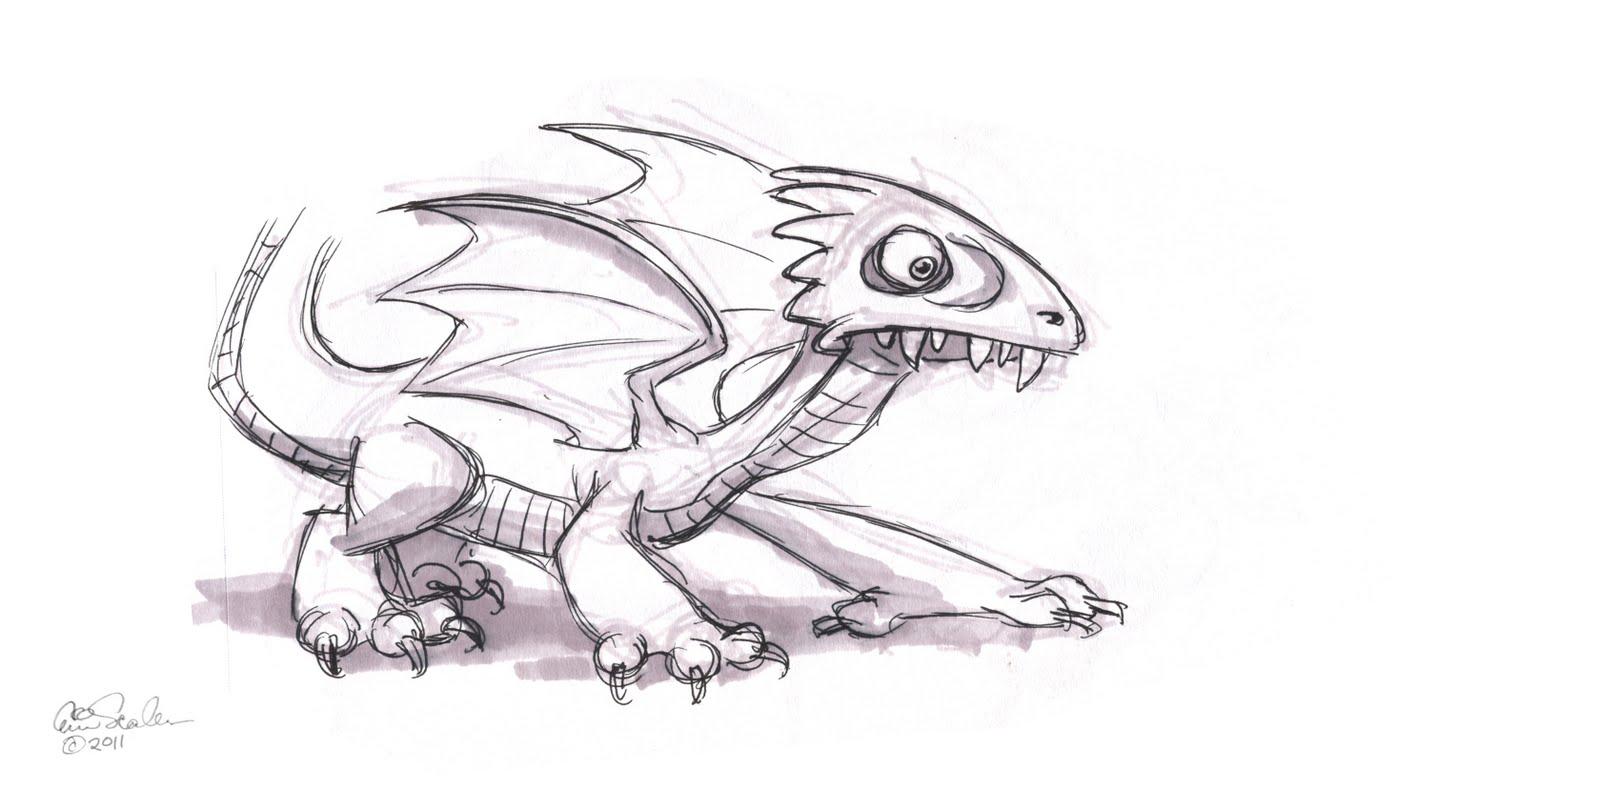 The Ol Sketchbook Little Dragon